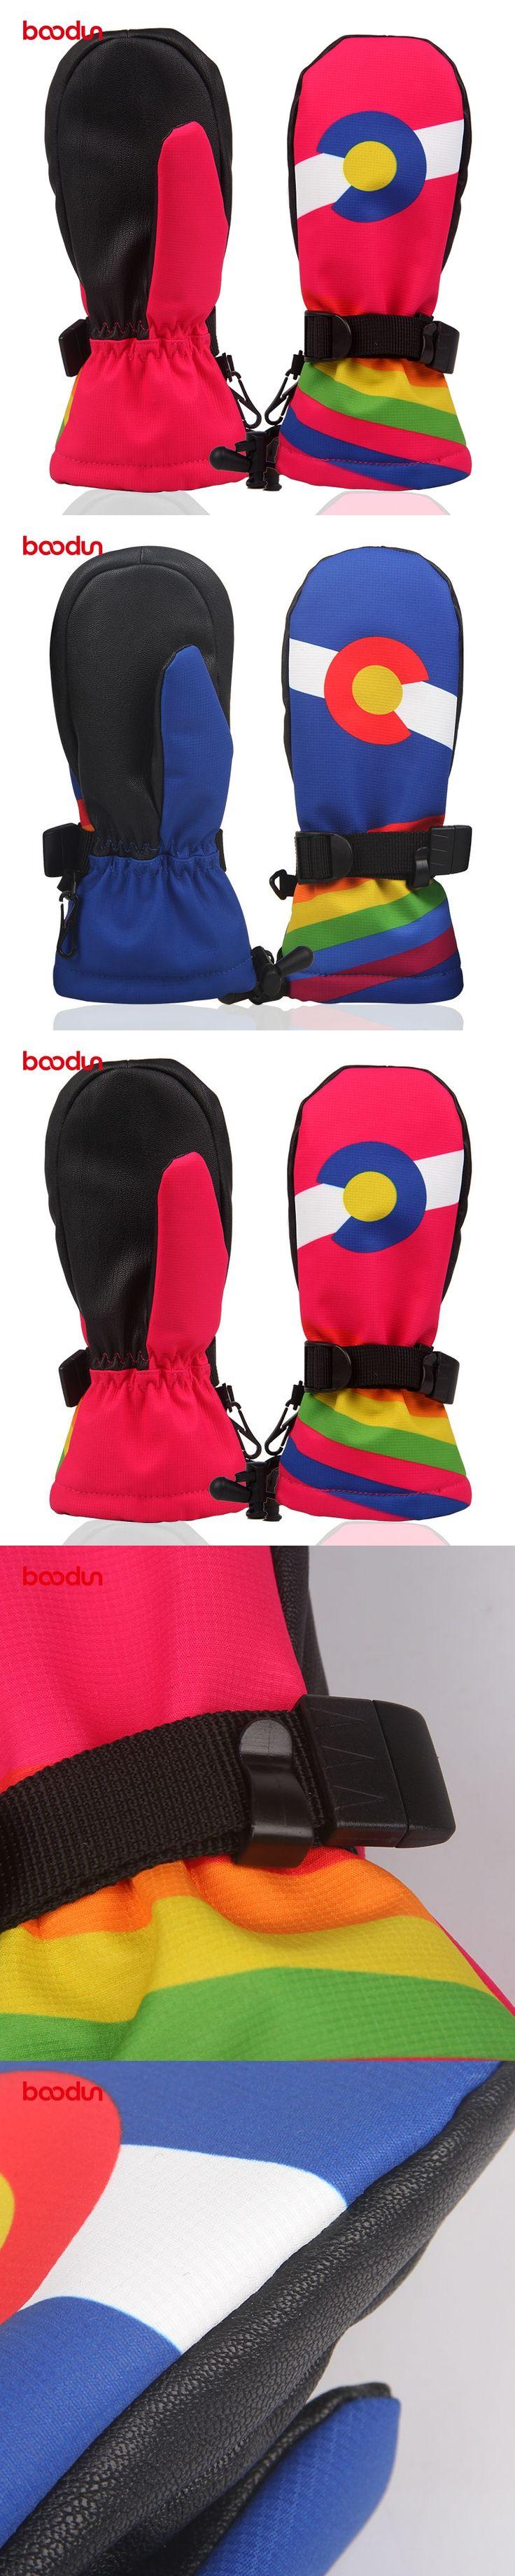 BOODUN Children Ski Winter Plus Velvet Thickened Waterproof Gloves Pianke Adjustable Keep Warm Kids Mittens Children Gloves